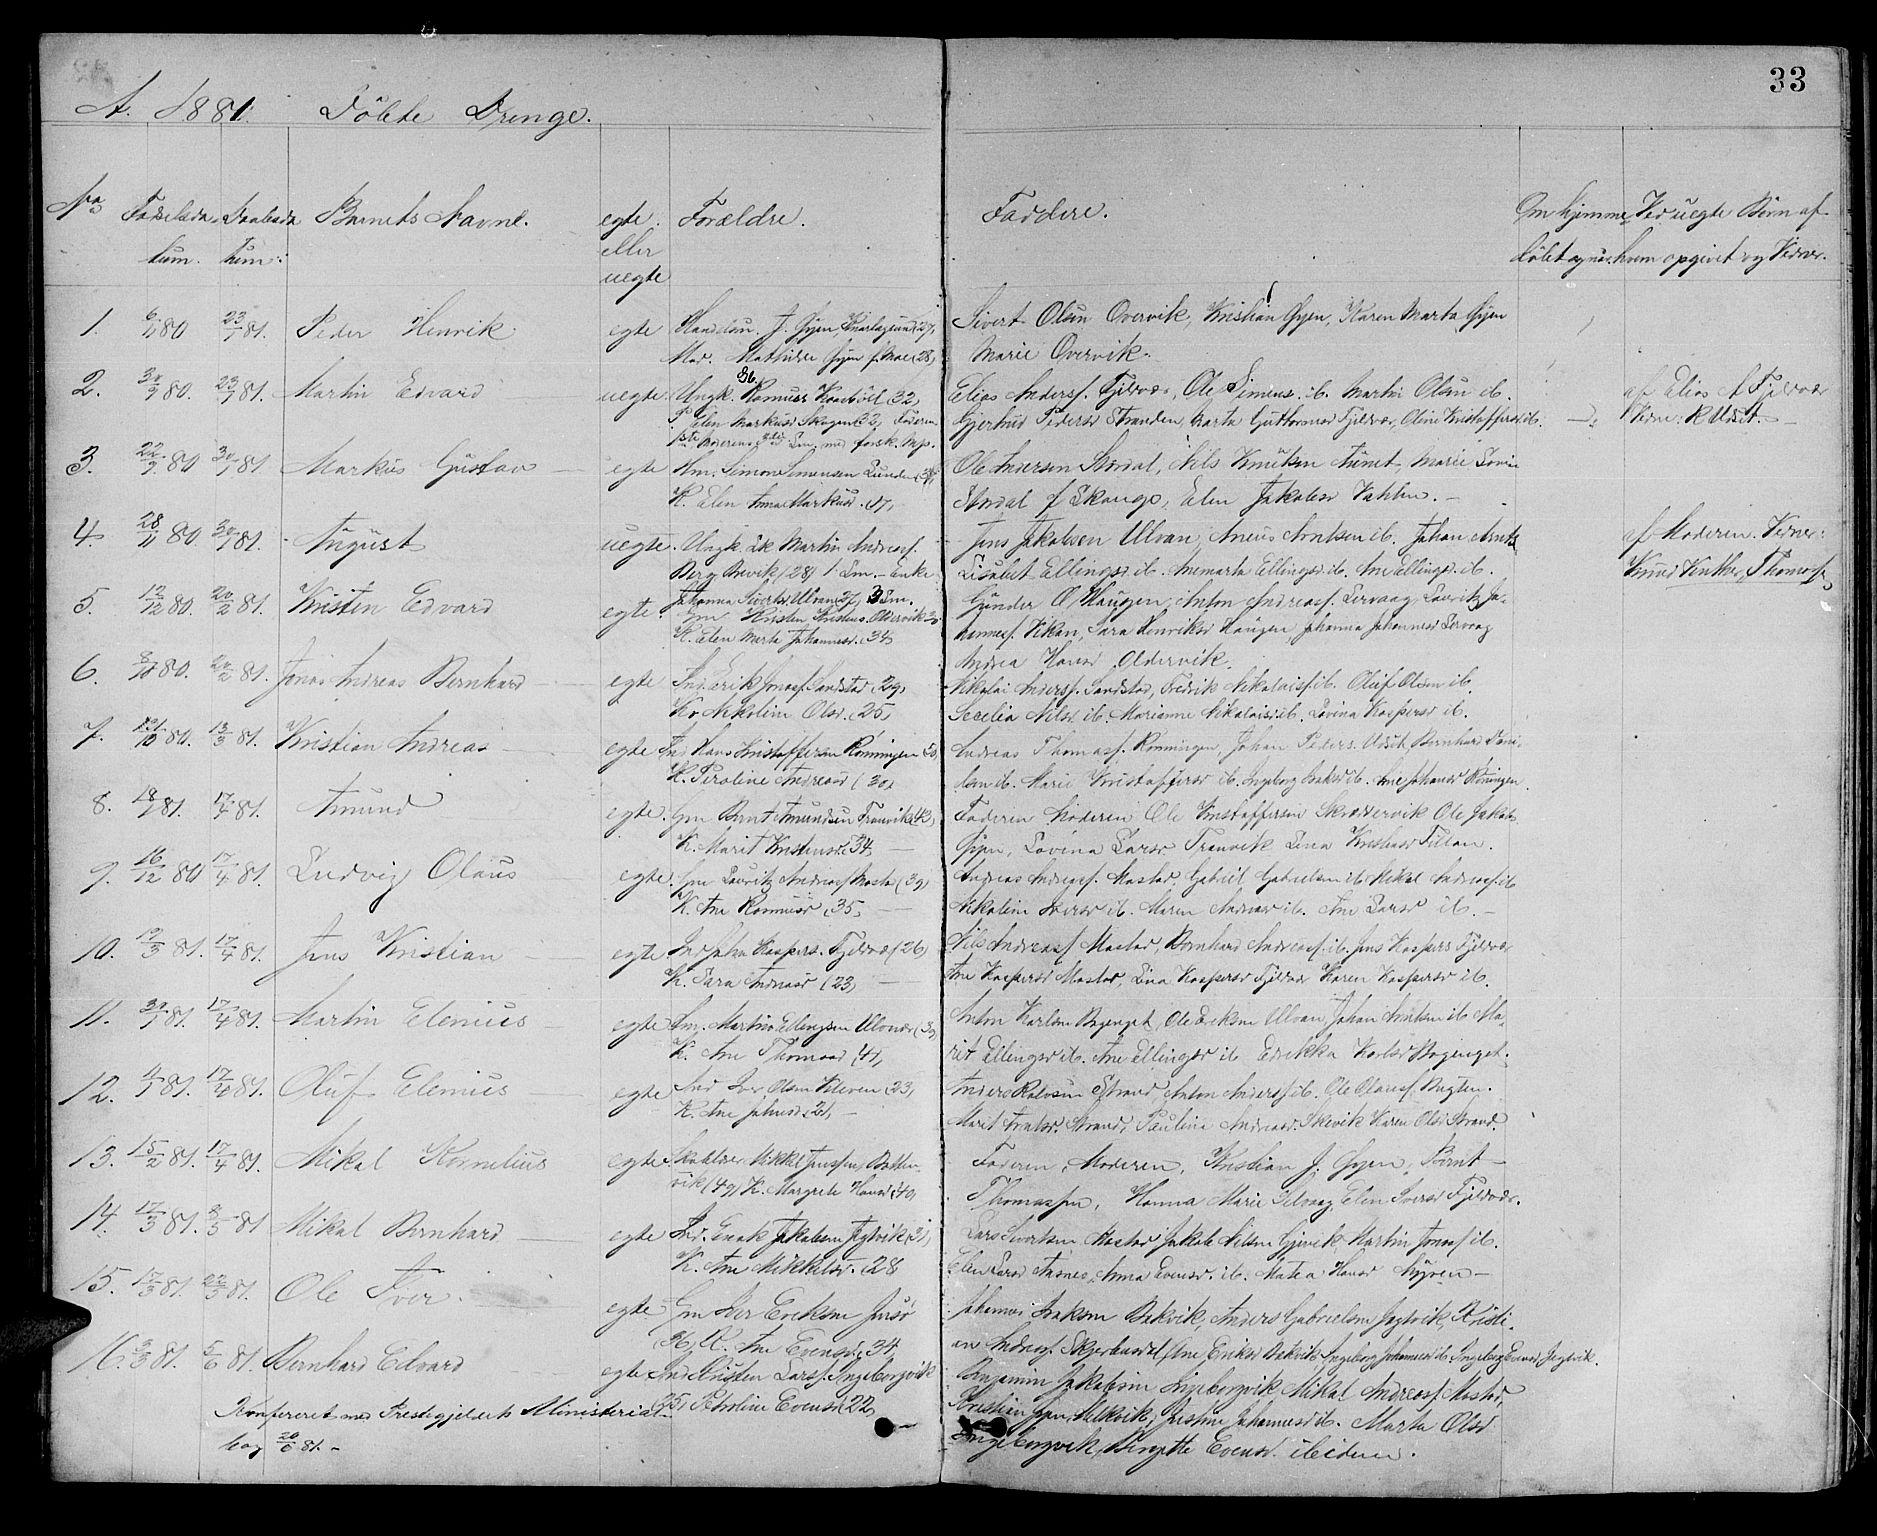 SAT, Ministerialprotokoller, klokkerbøker og fødselsregistre - Sør-Trøndelag, 637/L0561: Klokkerbok nr. 637C02, 1873-1882, s. 33